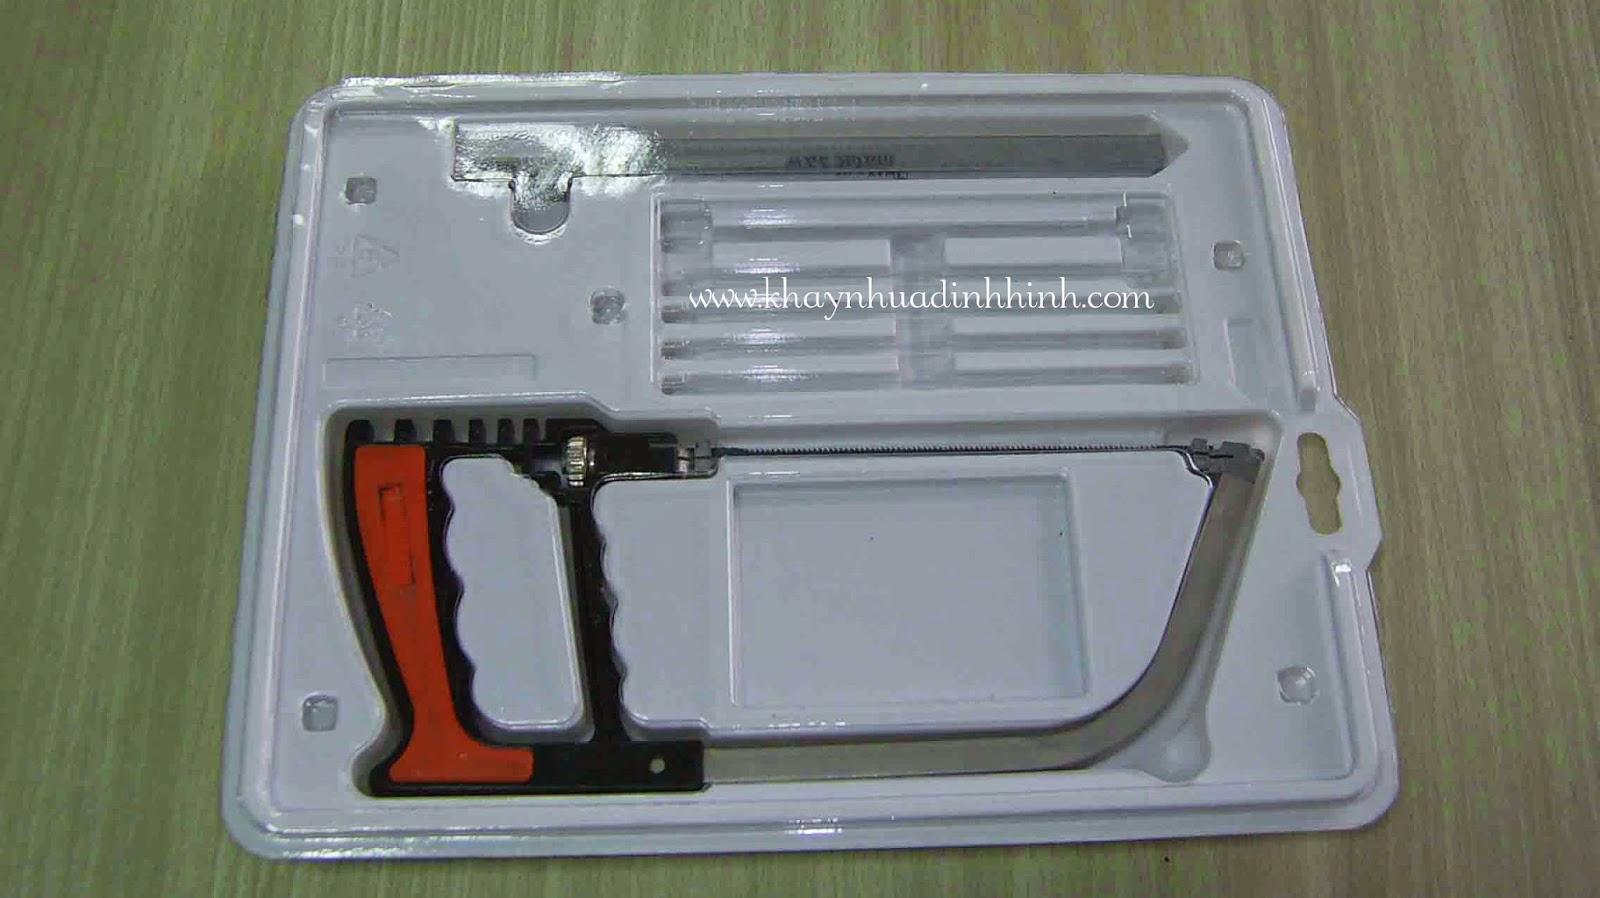 Khay nhựa chống tĩnh điện 07